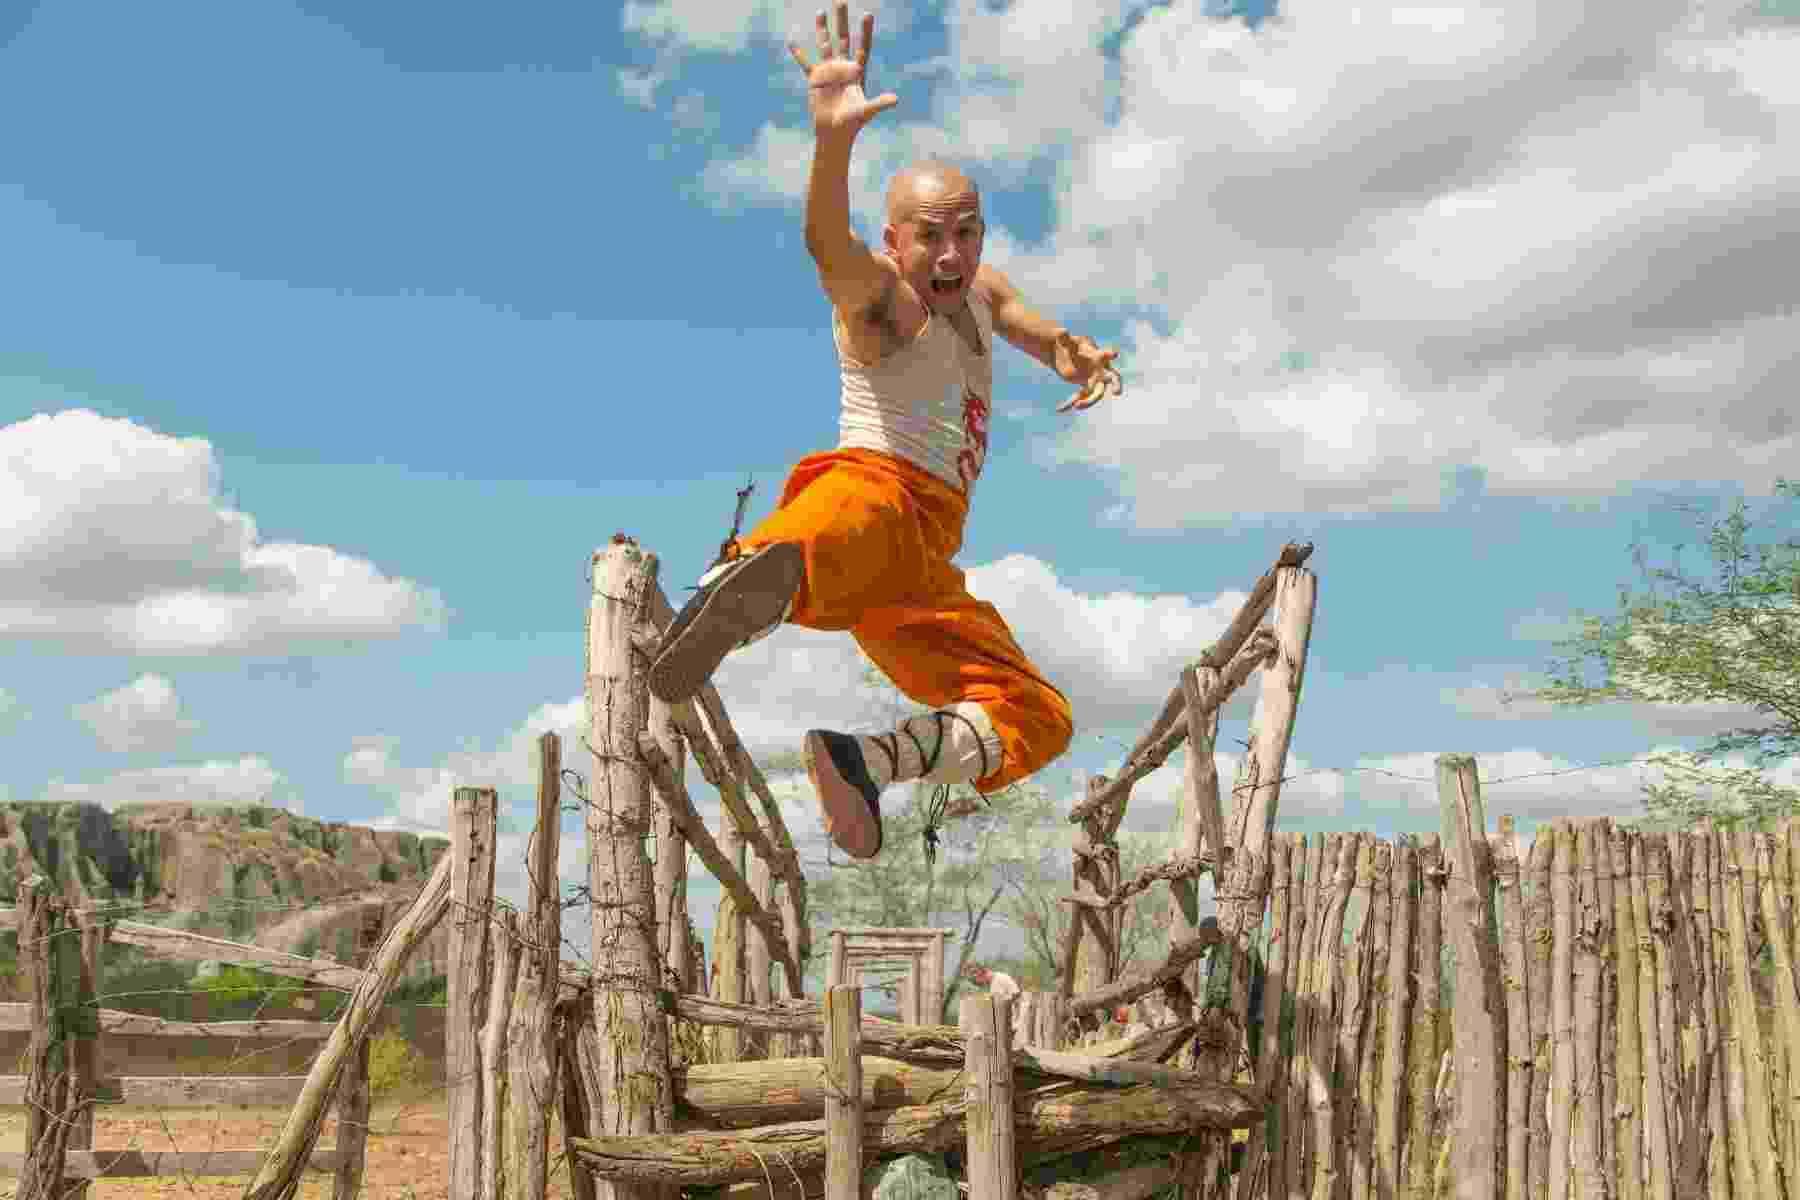 """O ator Edmilson Filho em cena da comédia """"O Shaolin do Sertão"""", de Halder Gomes - Divulgação"""